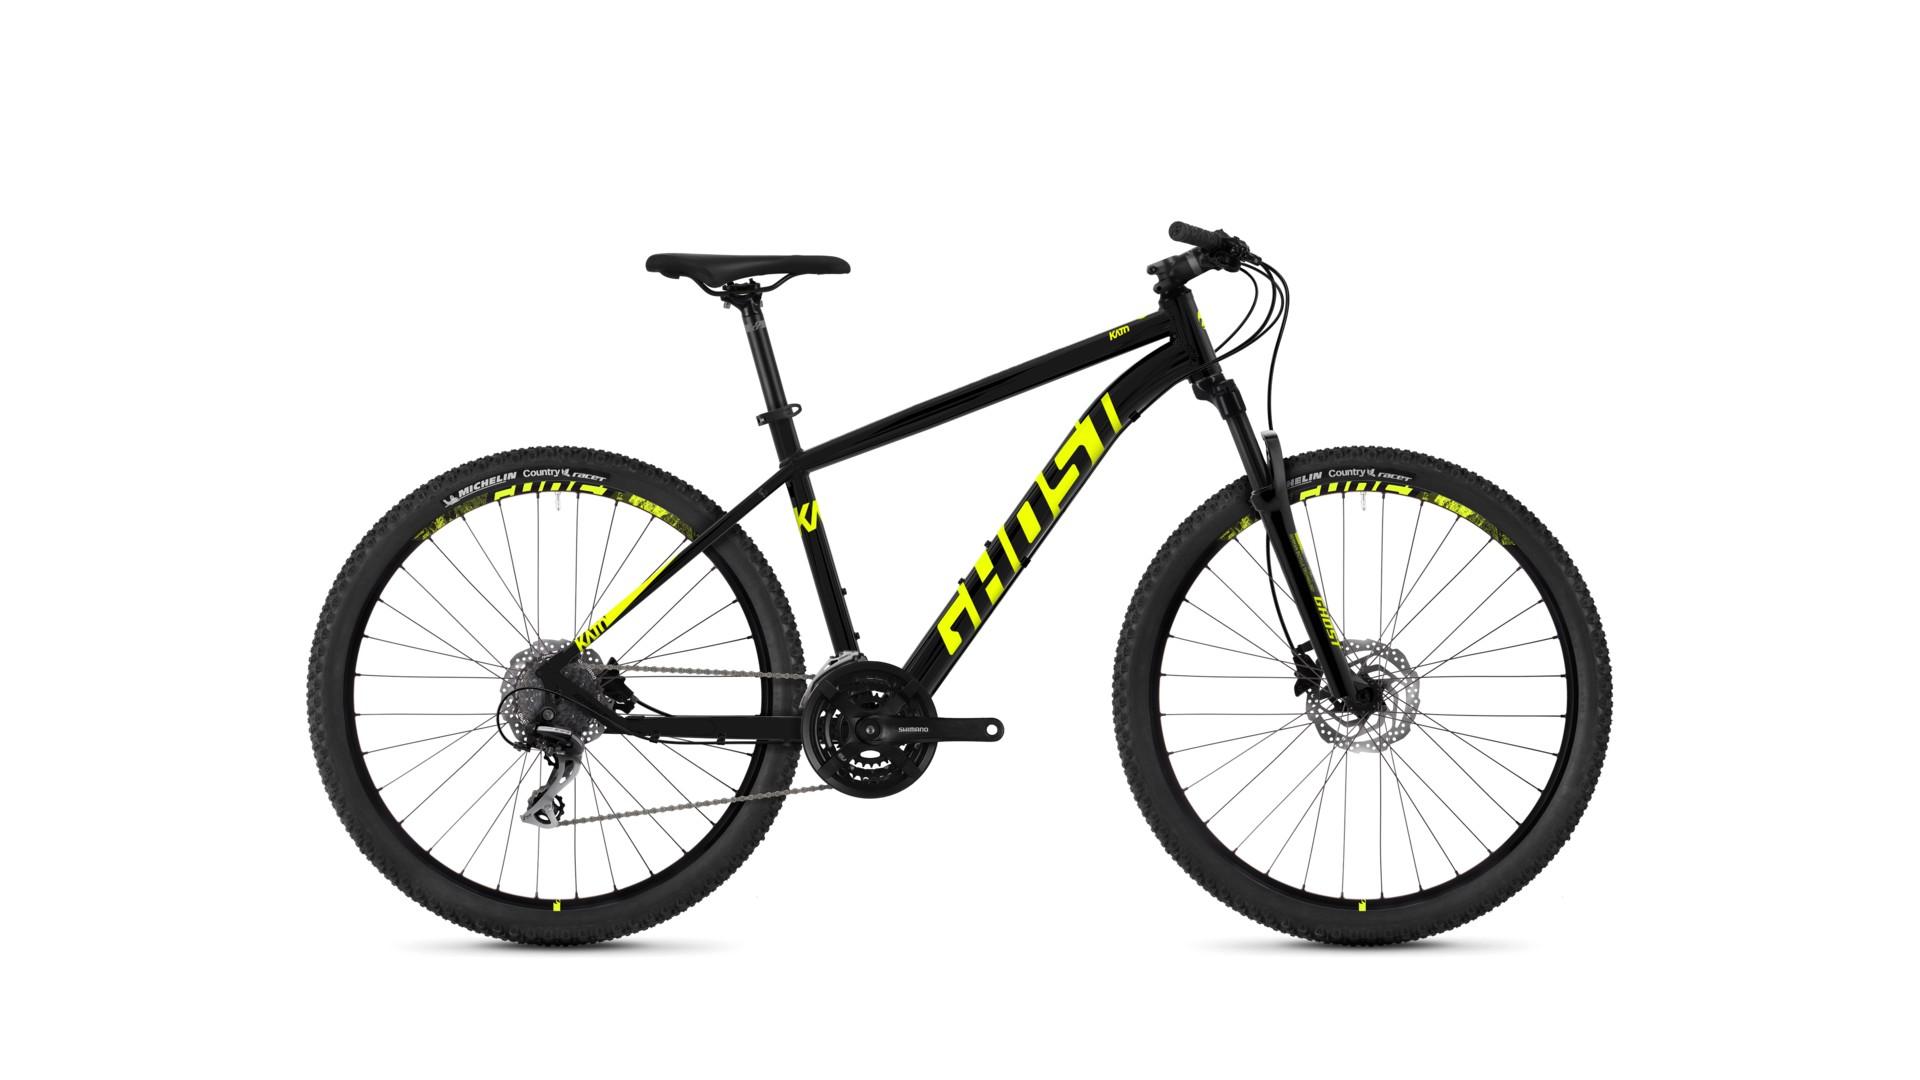 Велосипед GHOST Kato 3.7 AL U nightblack/neonyellow год 2018